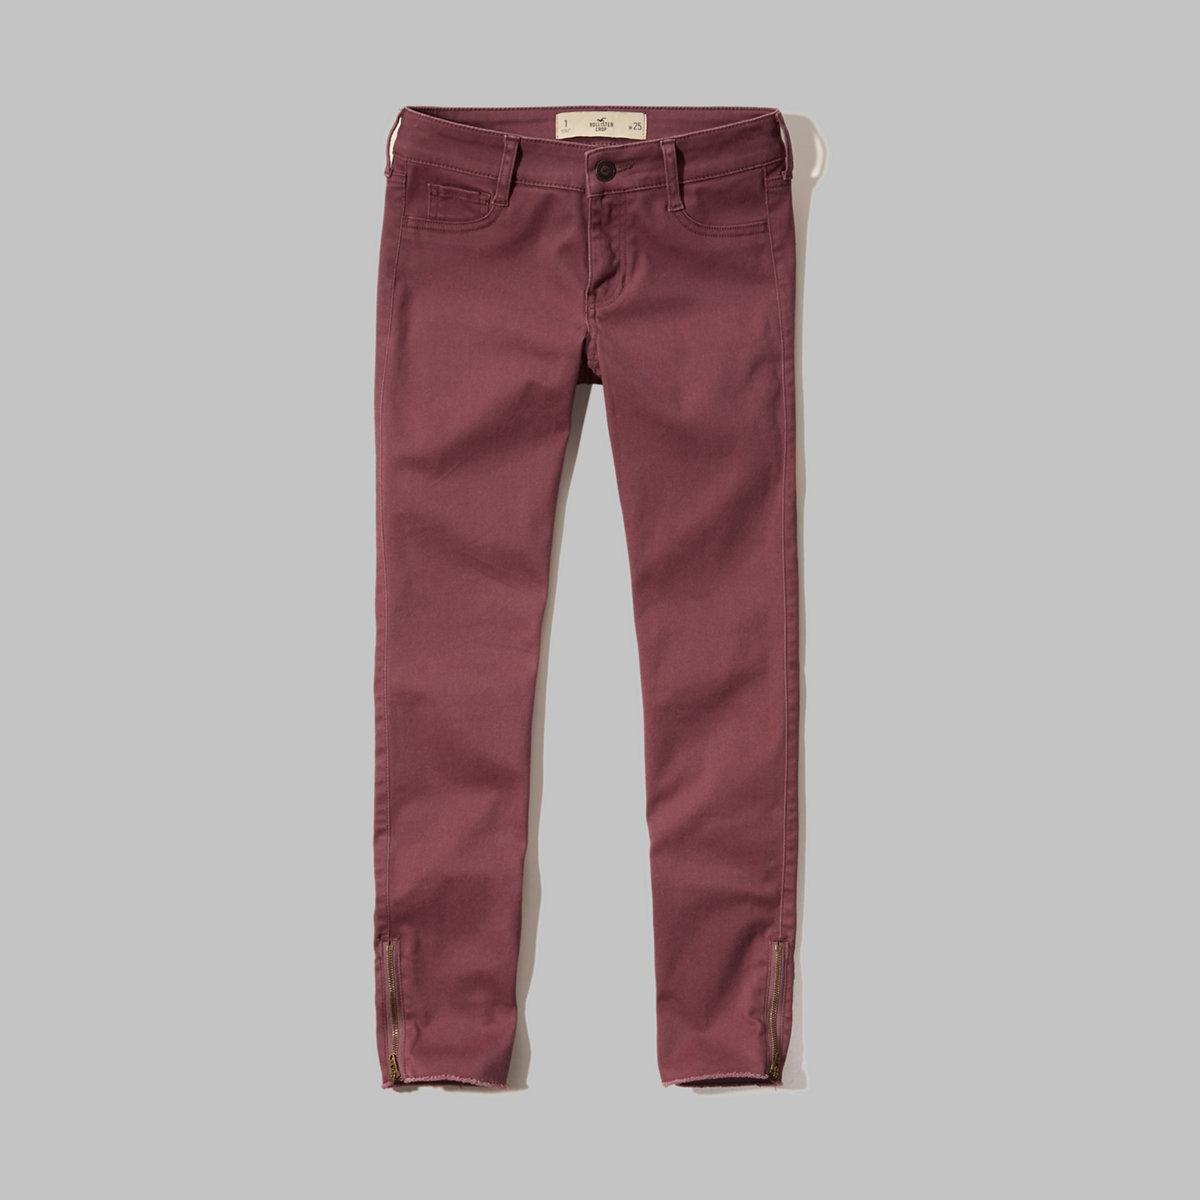 Hollister Low Rise Crop Pants